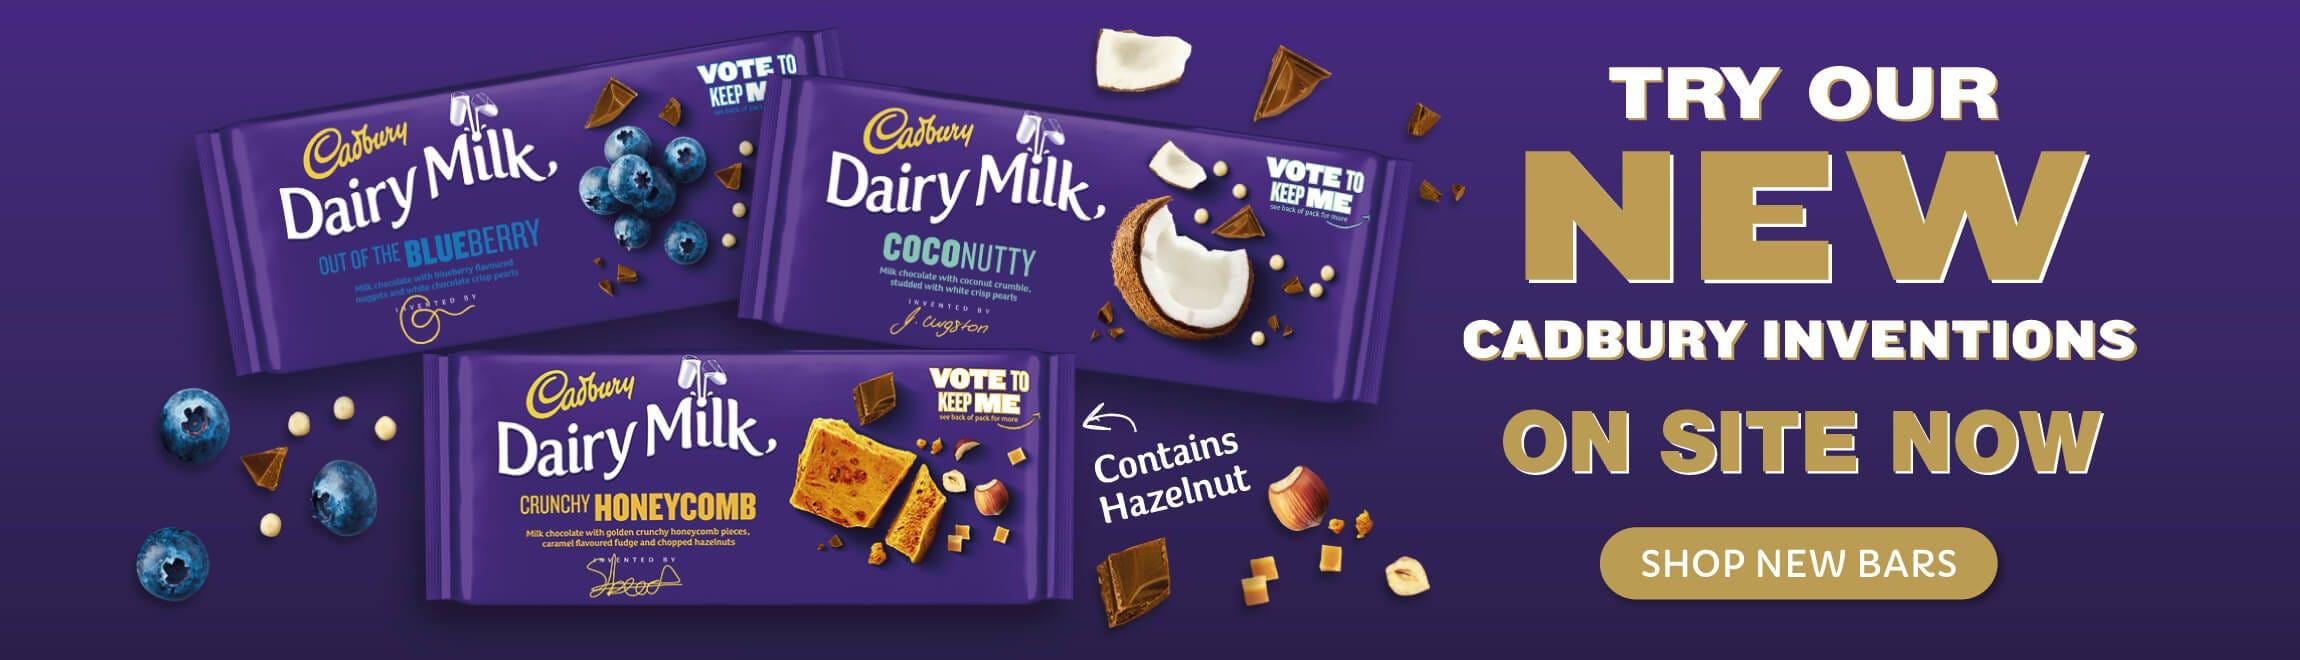 Cadbury New Dairy Milk Bars 2020